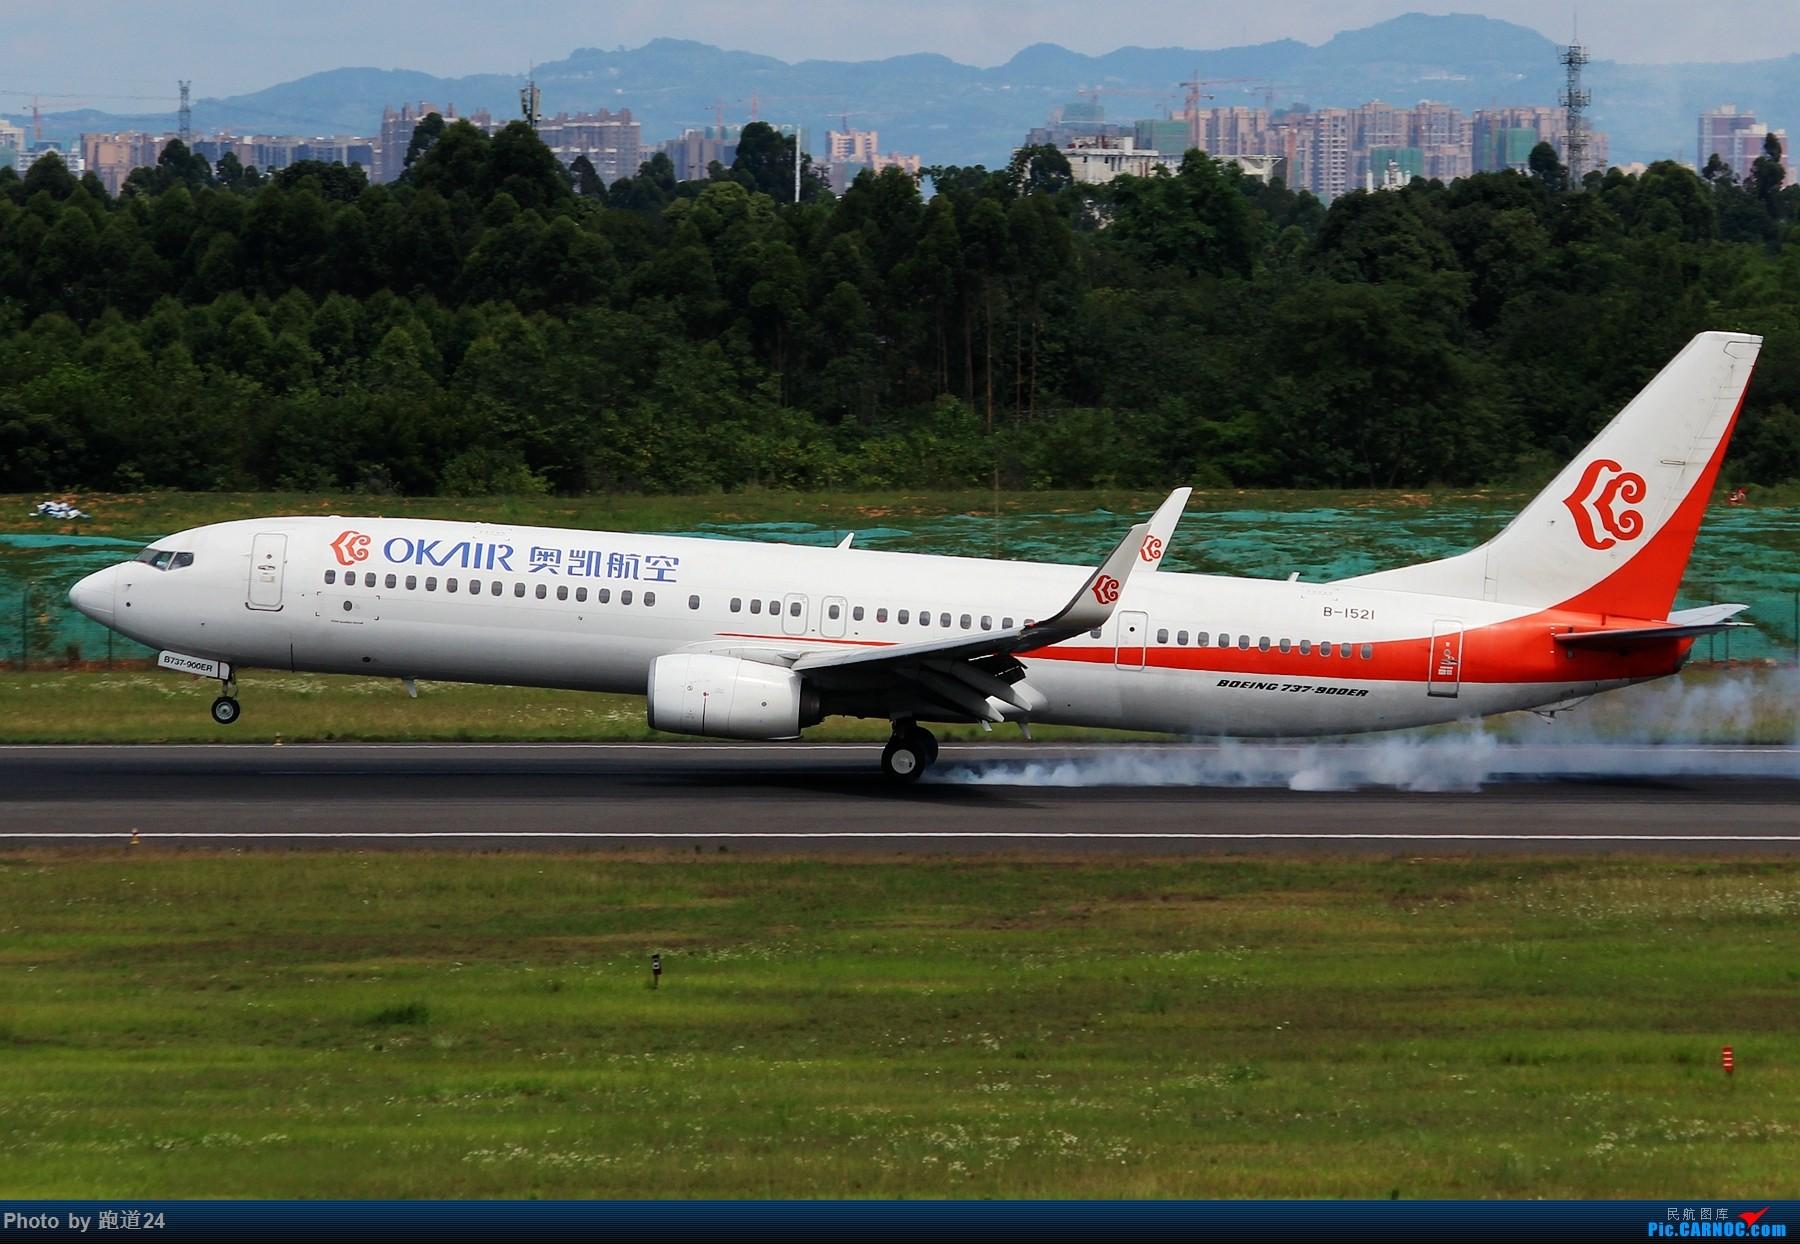 Re:[原创]【多图党】6月18日成都拍机【埃塞俄比亚航空B777-200LR】 BOEING 737-900ER B-1521 中国成都双流国际机场